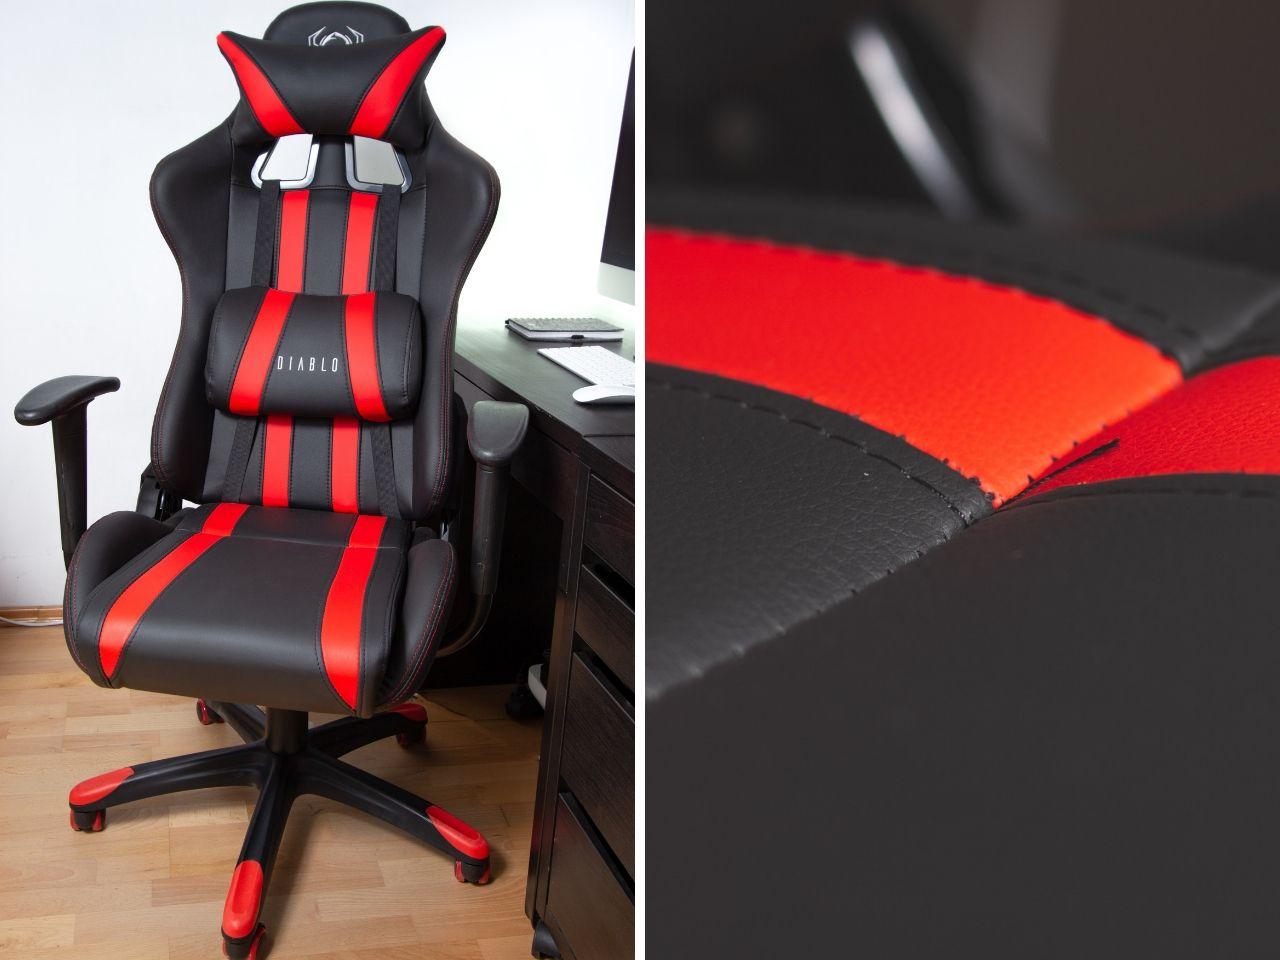 fotel gamingowy diablo x-one recenzja